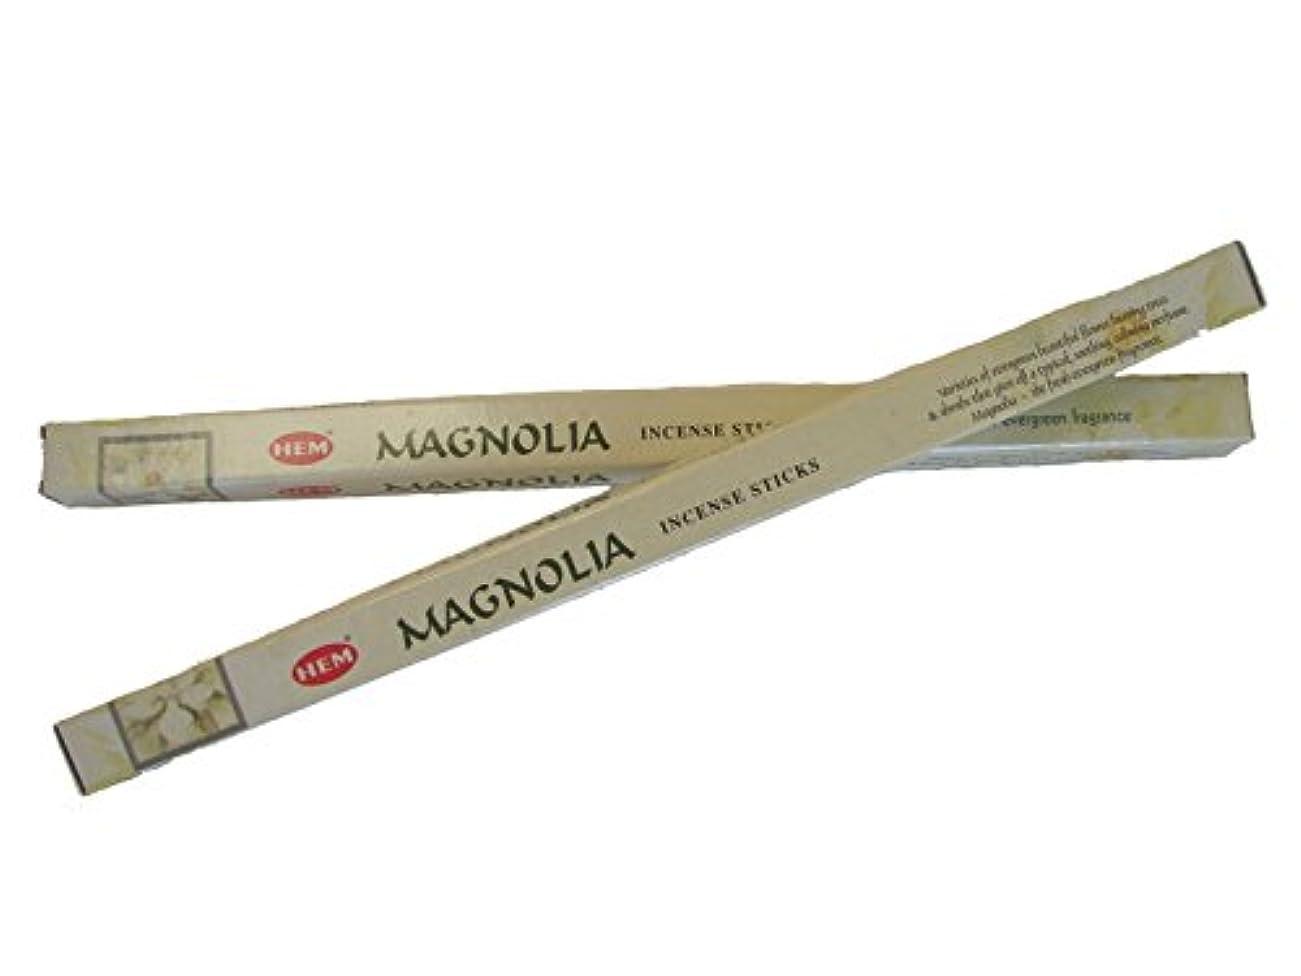 ビルダー推測する公爵夫人4 Boxes of Magnolia Incense Sticks